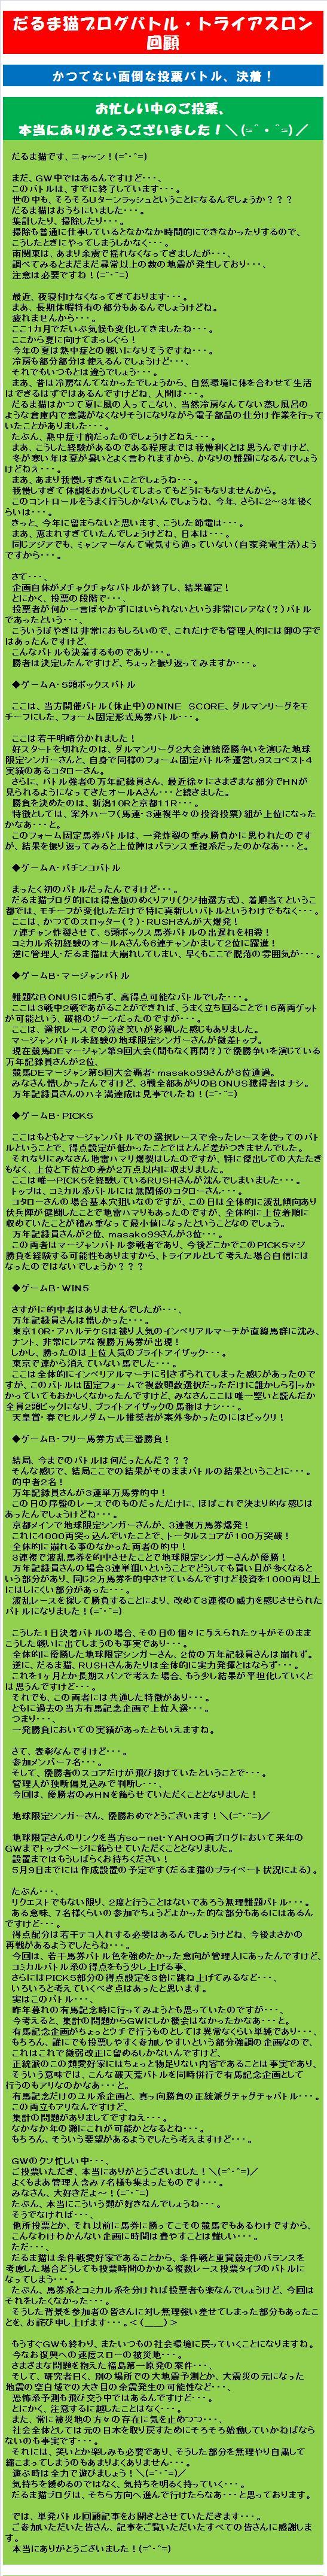 20110504・トライアスロン回顧.jpg